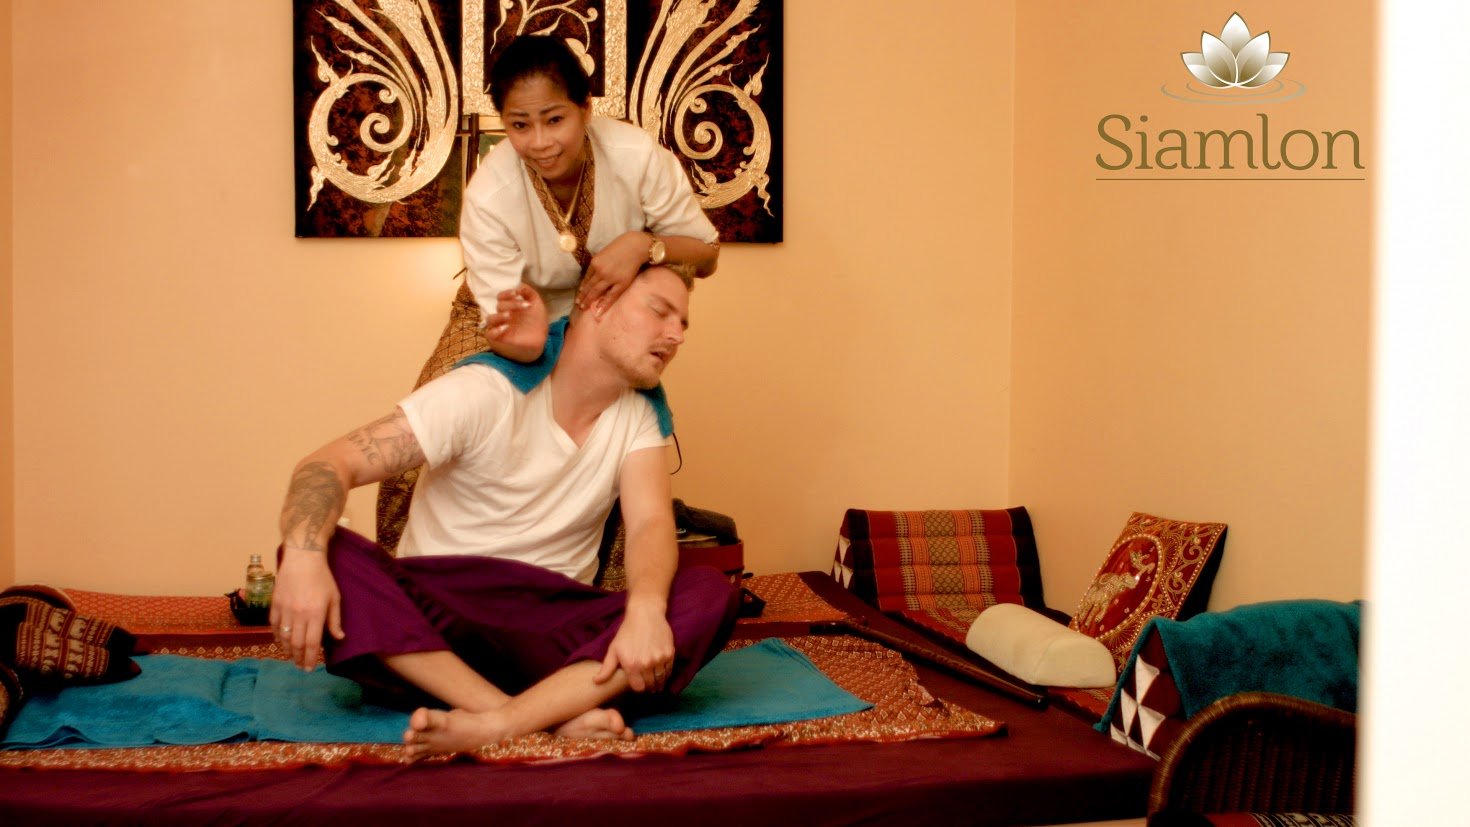 Siam Thai Massage Rostock